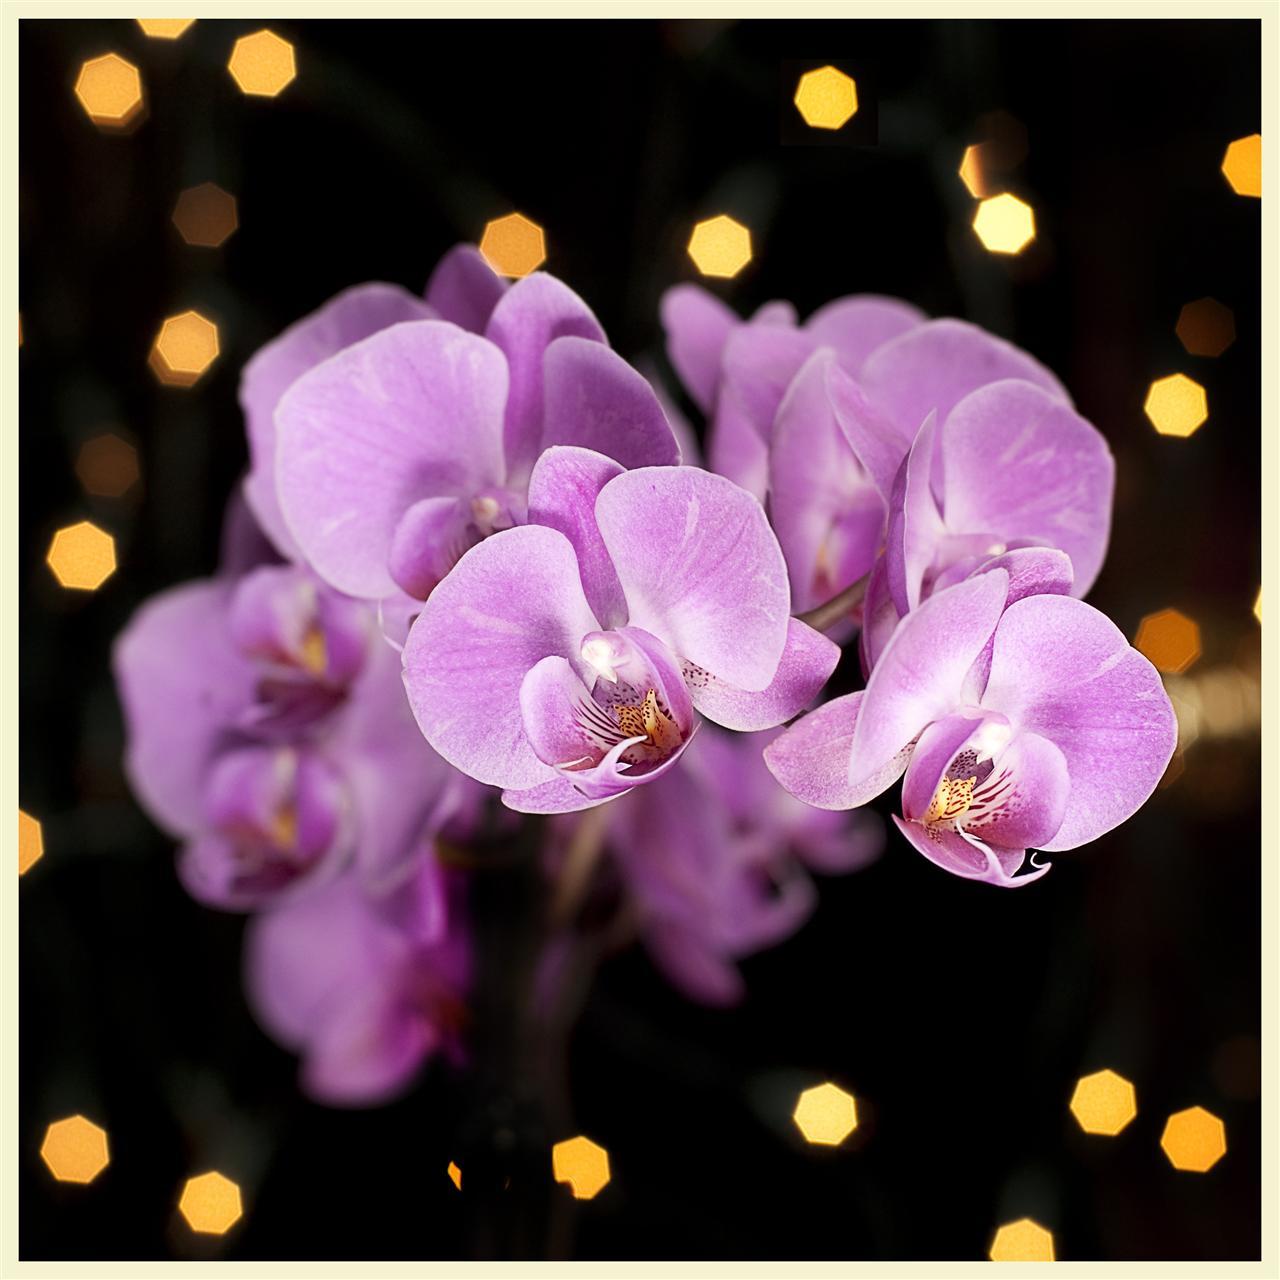 Full Bloom (19 of 365)